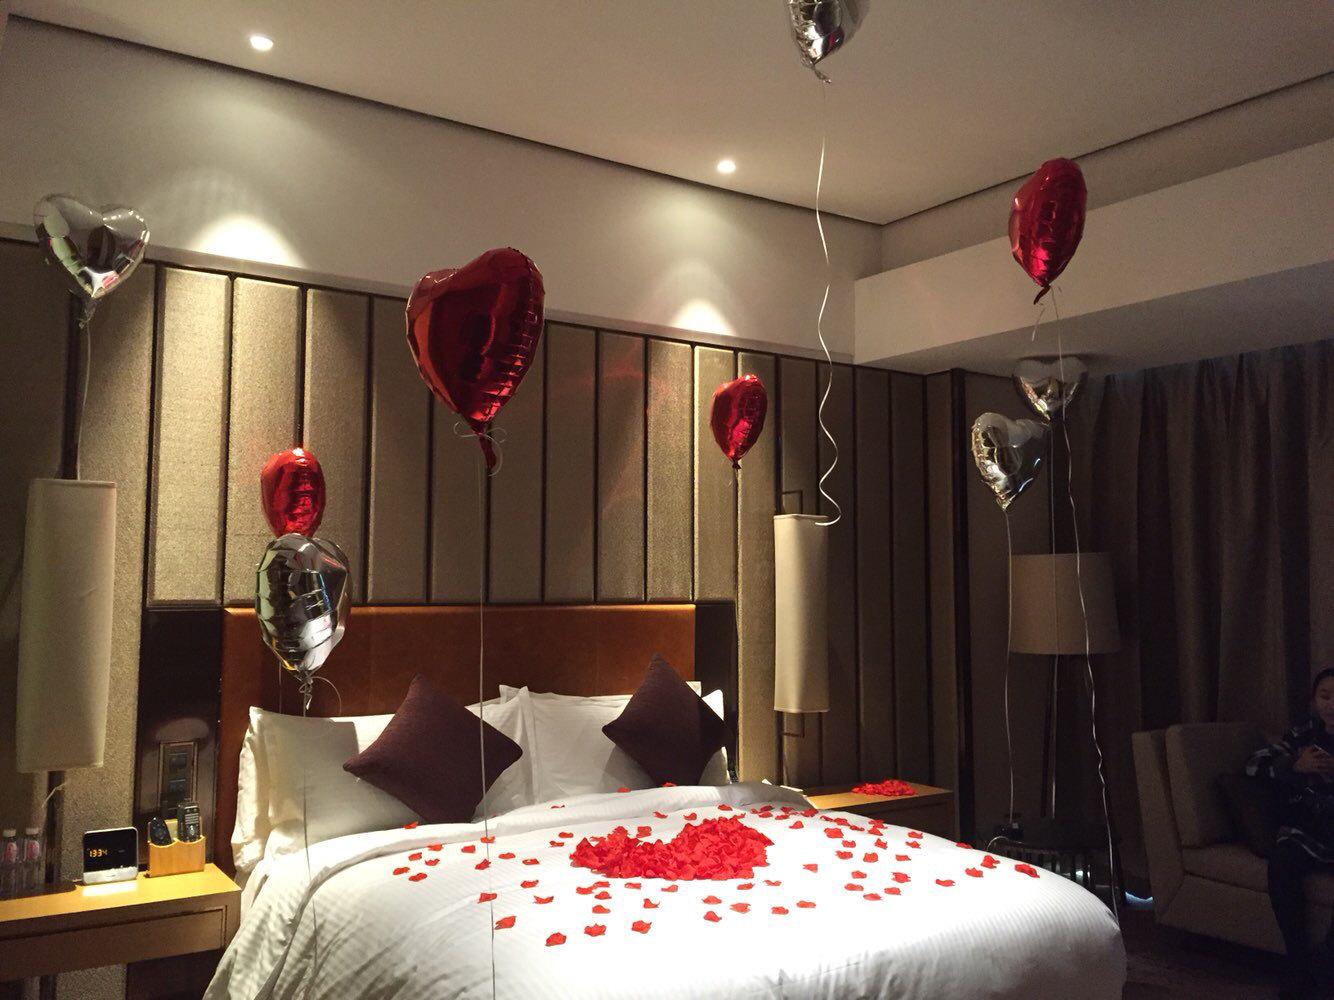 酒店生日房间怎么布置_情人节房间布置大全_情人节房间布置汇总